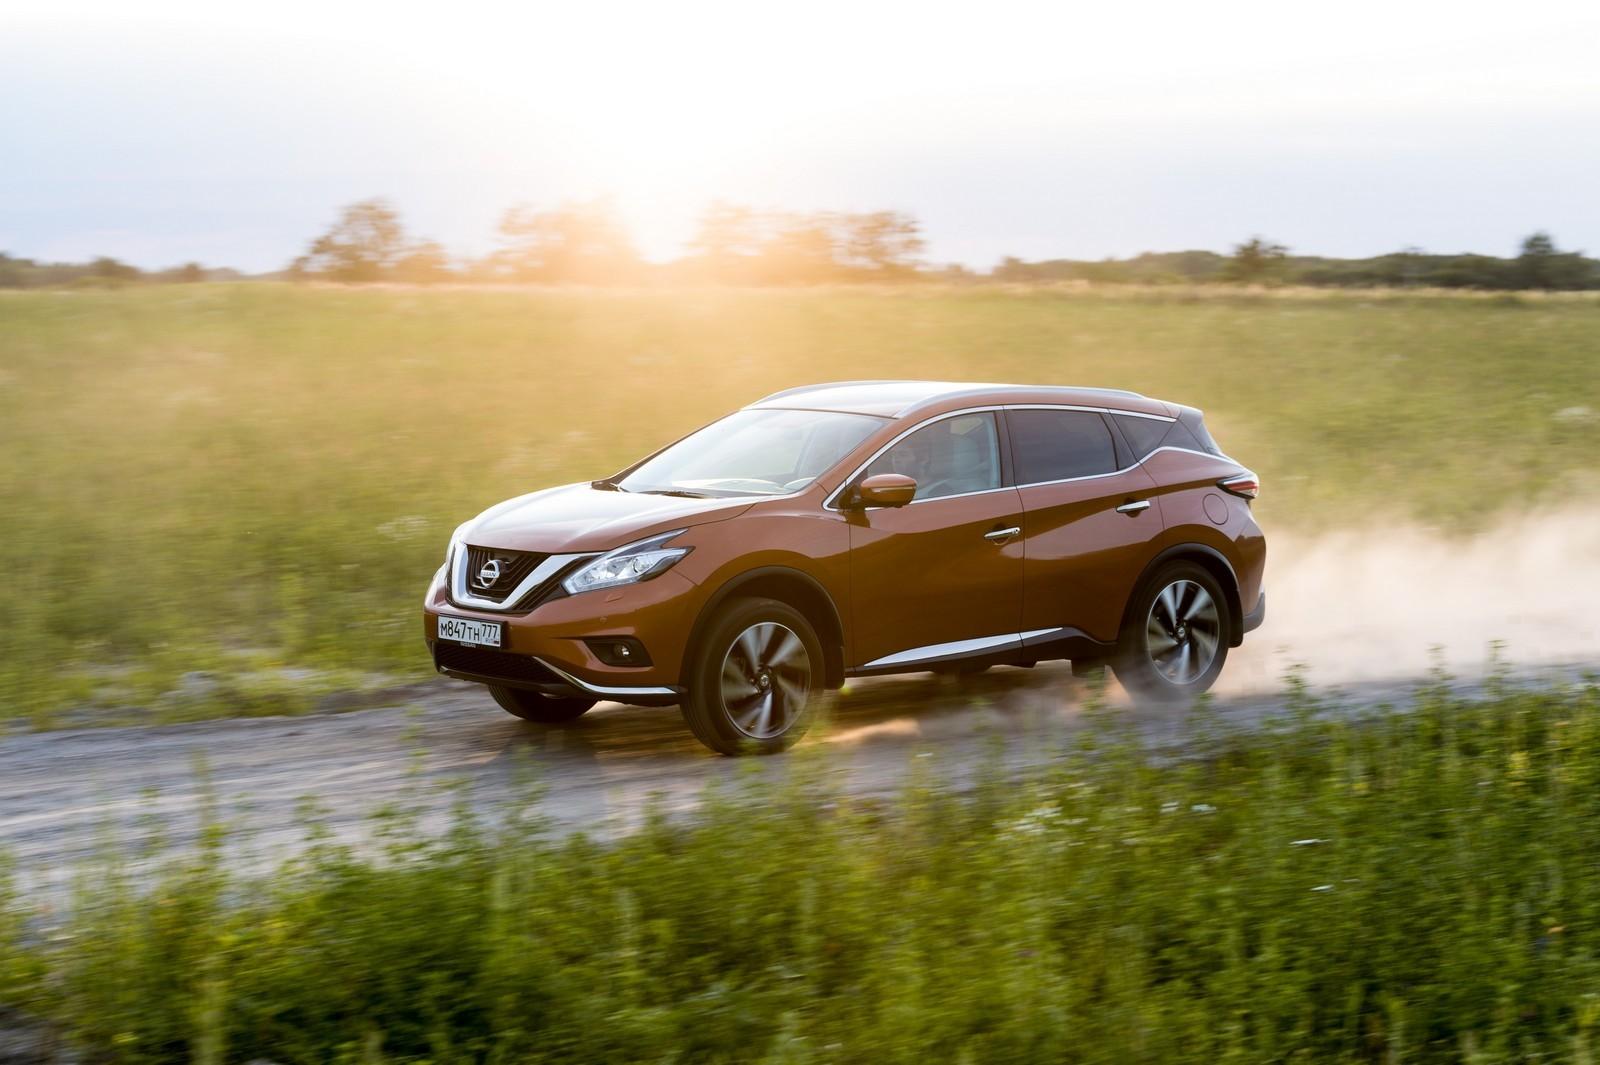 Новый Nissan Murano: от 2,46 млн рублей за передний привод и 249-сильный мотор